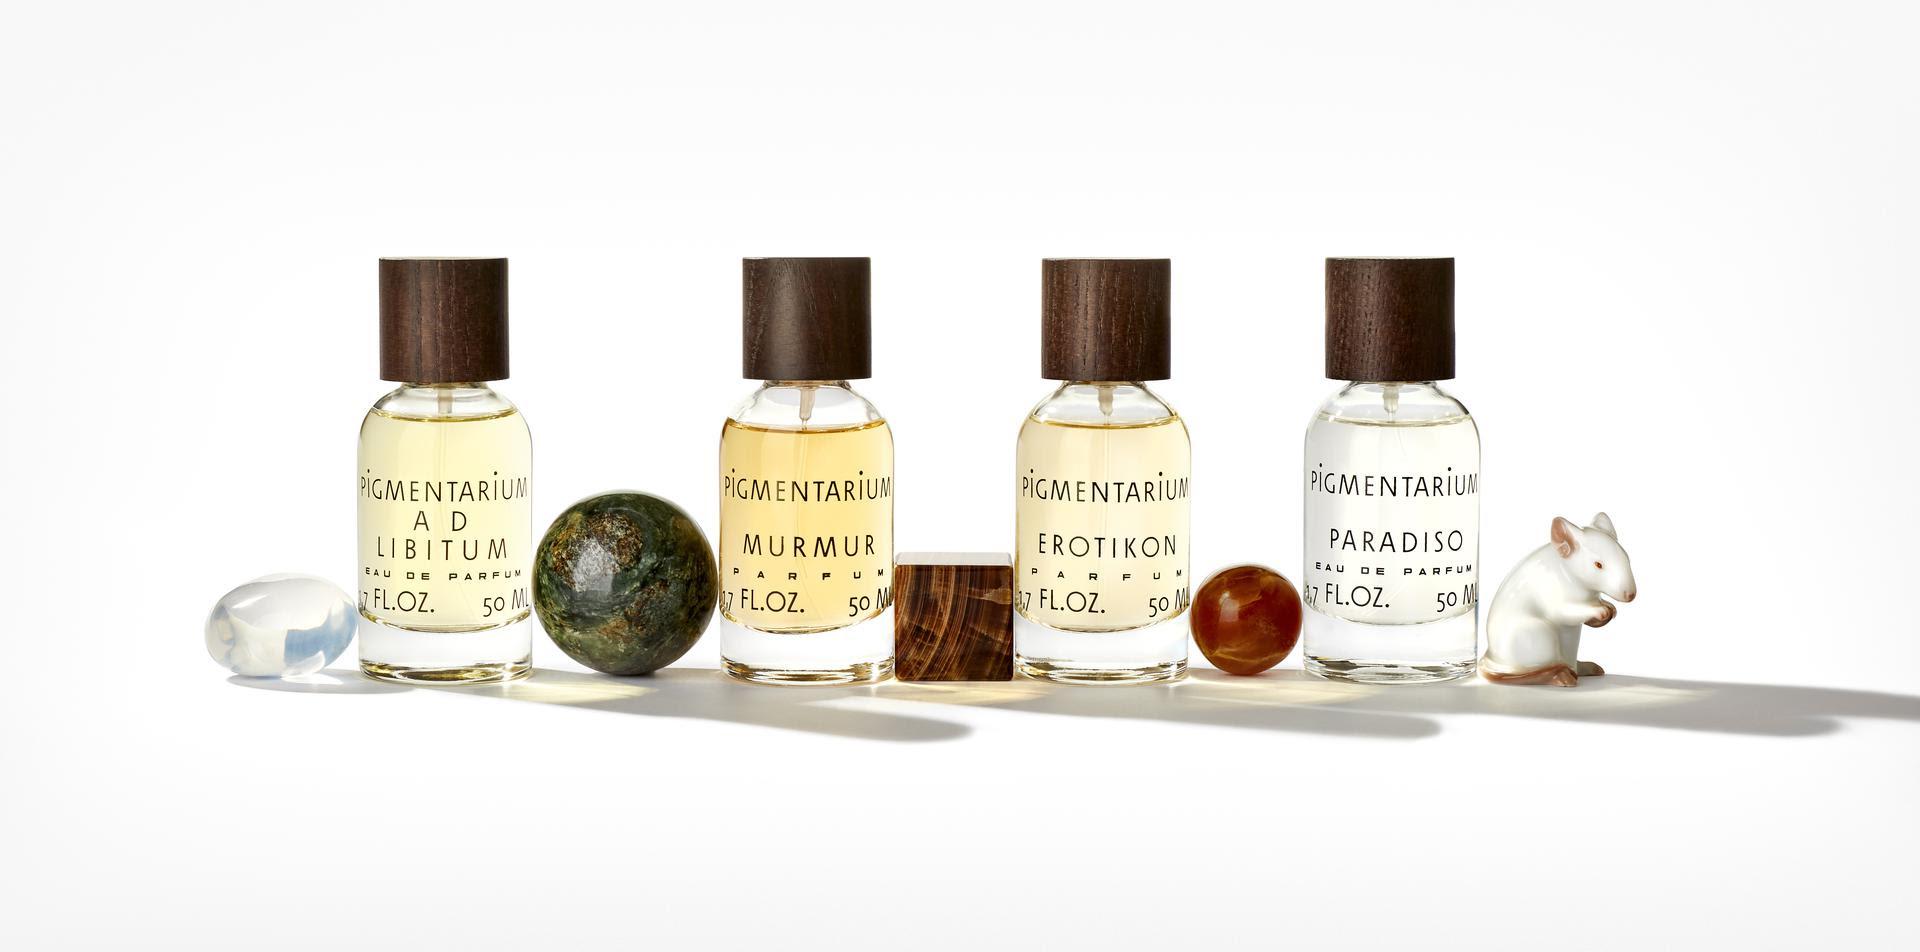 pigmentarium parfum benudemagazine